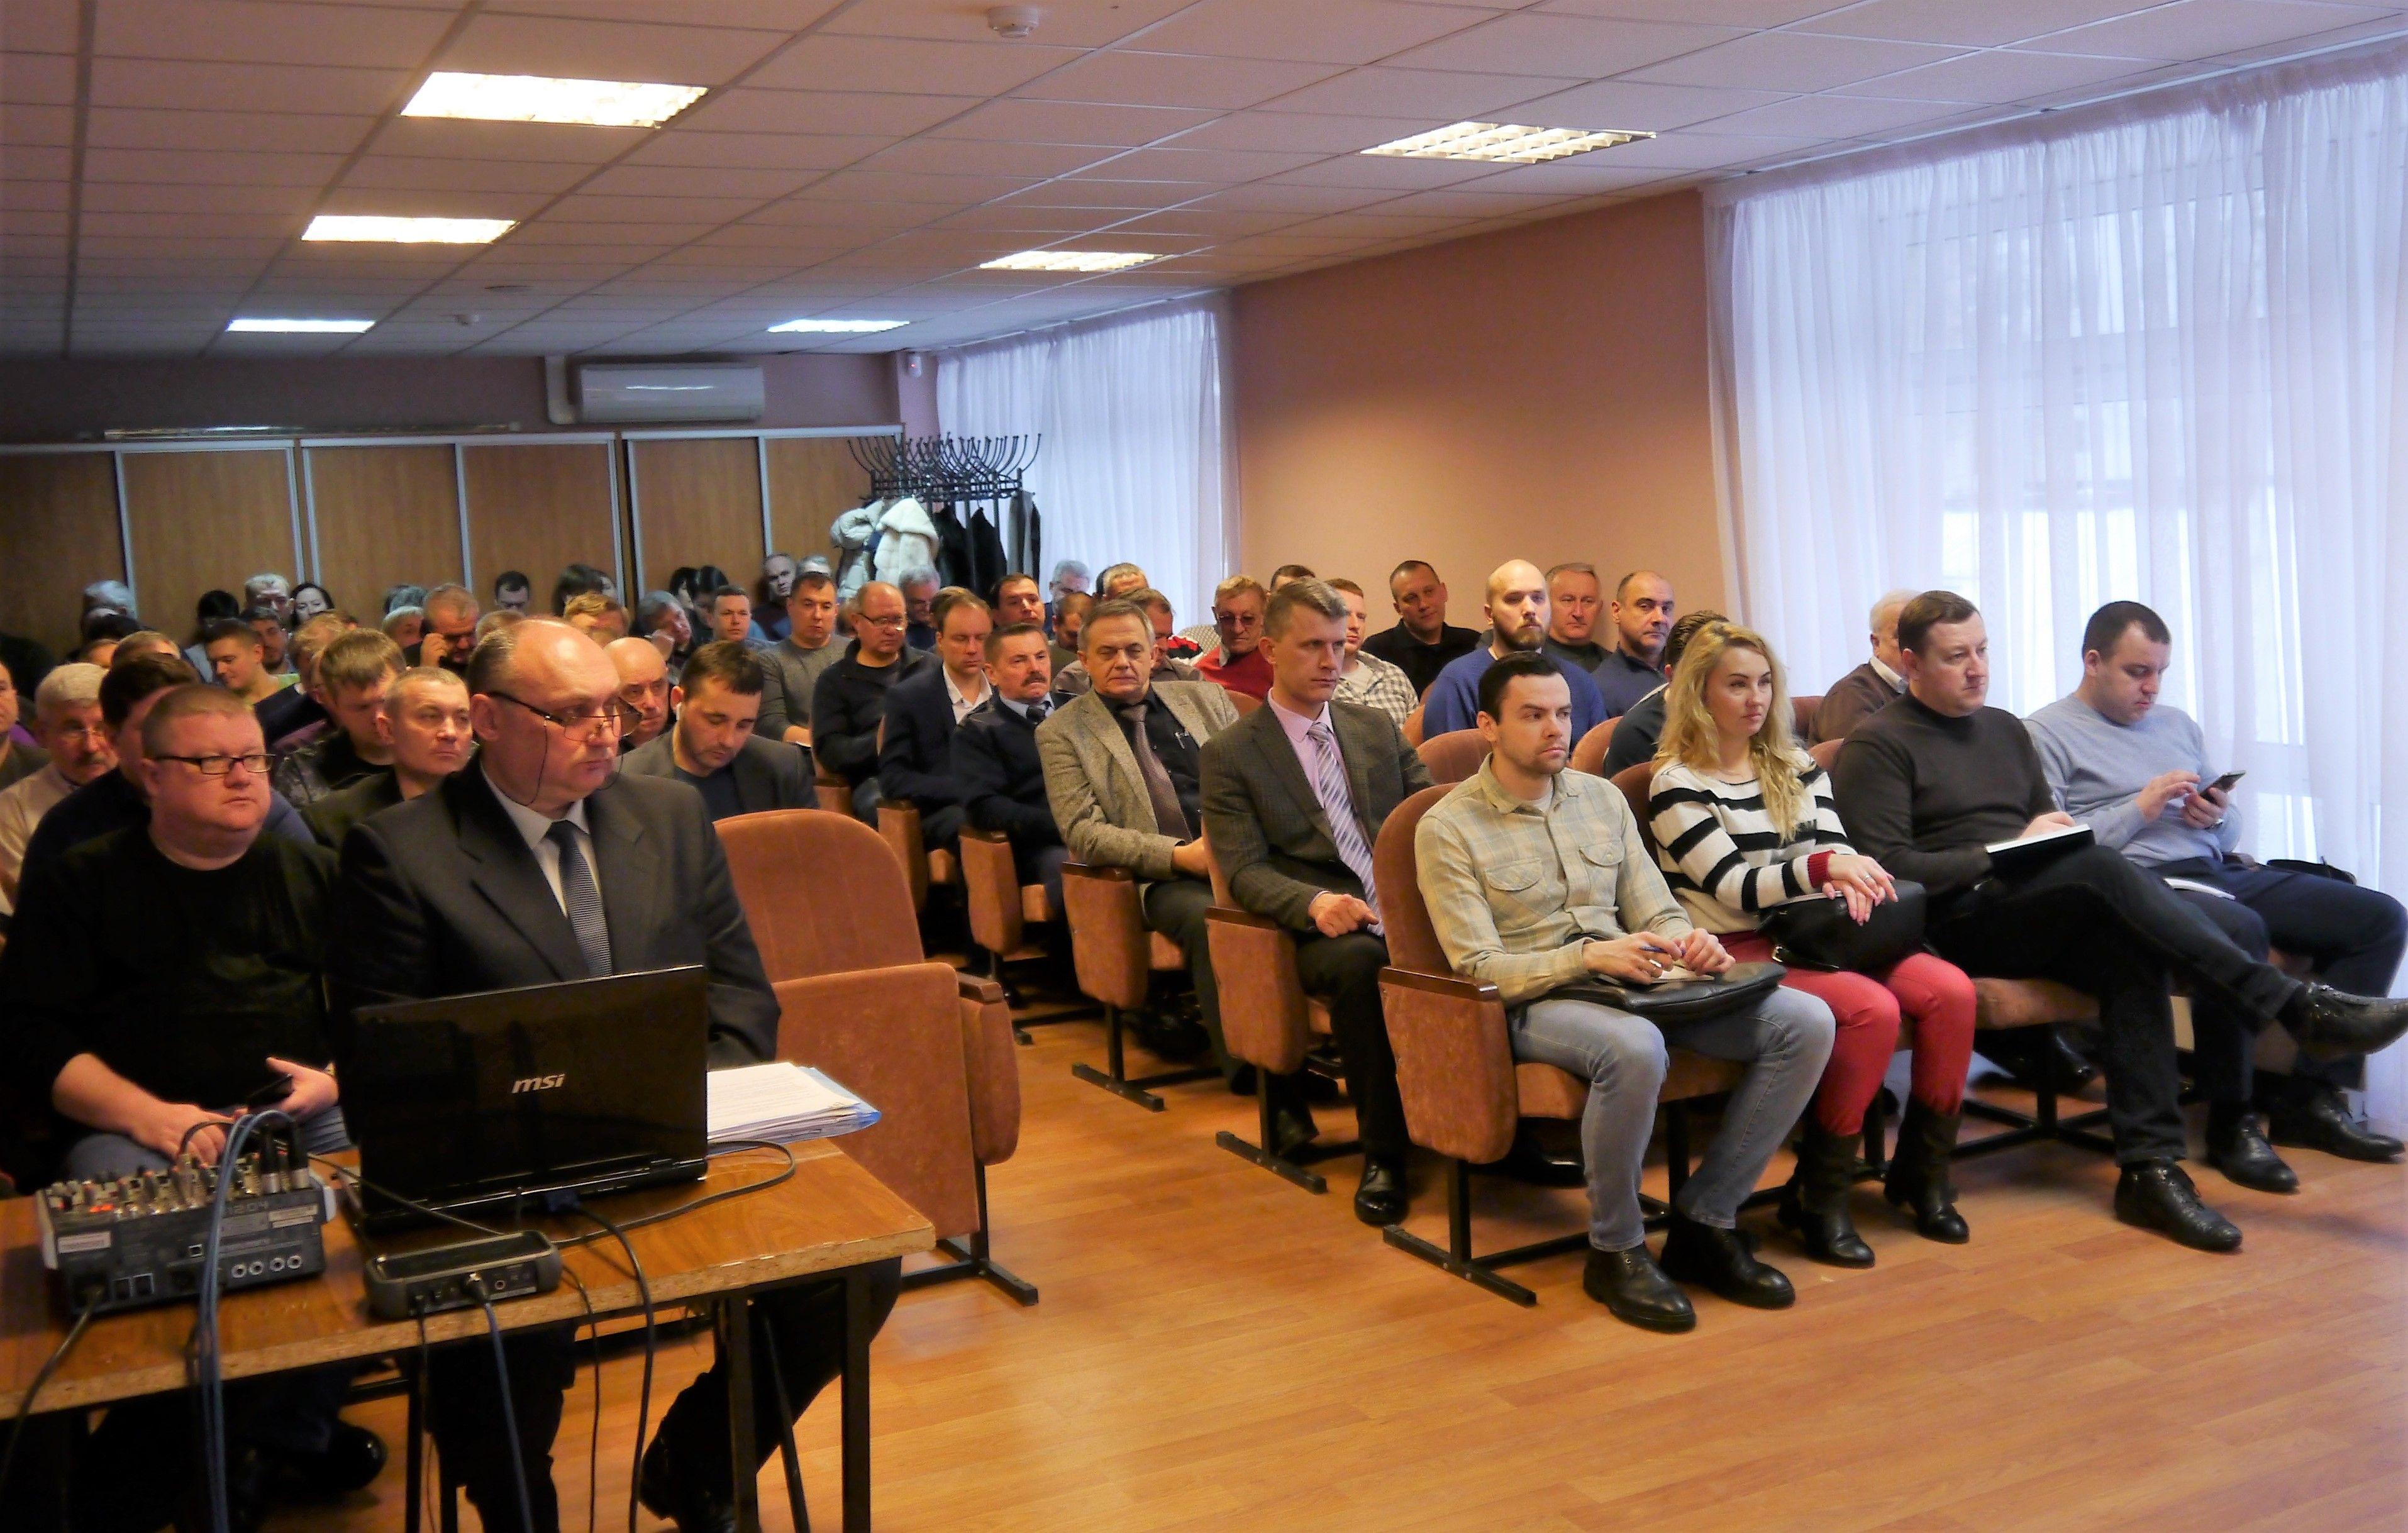 Впервые в Новой Москве прошли масштабные методические занятия для специалистов ГО и ЧС